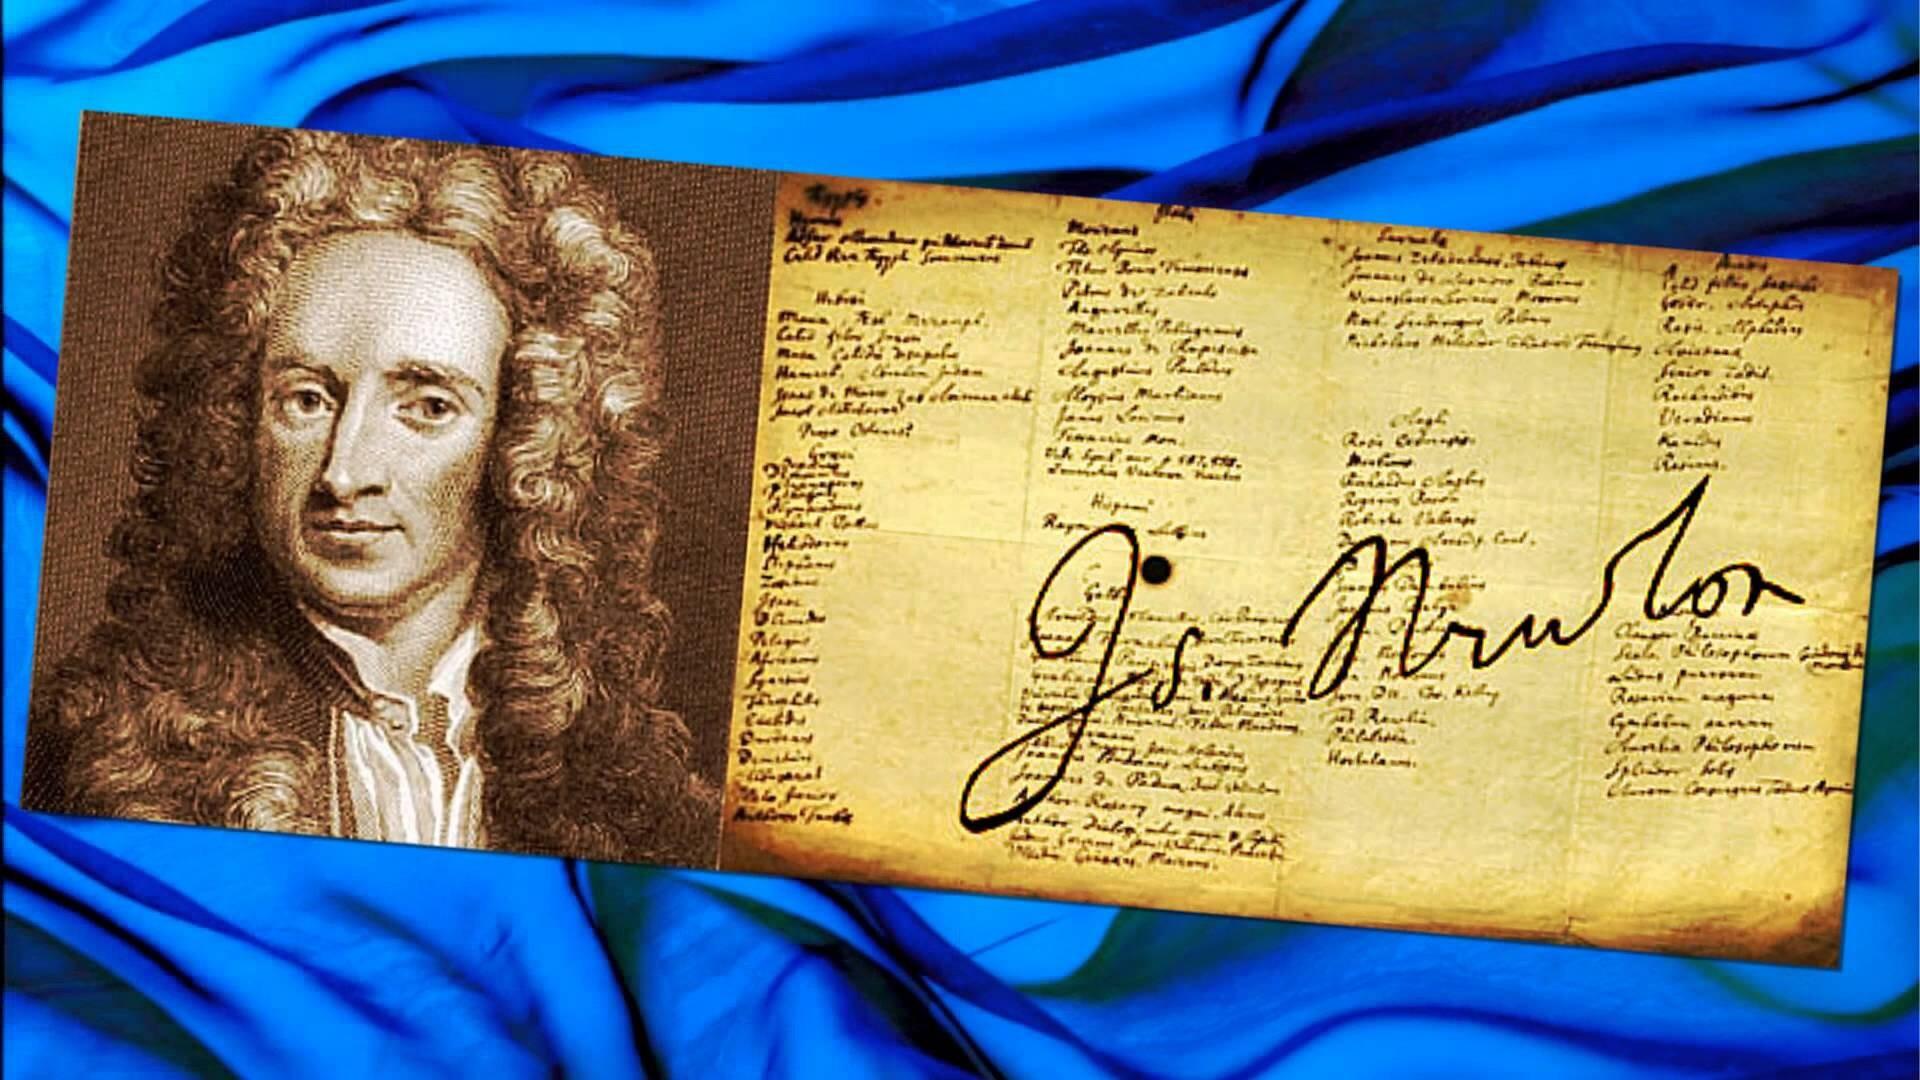 Алхимия сэра Исаака Ньютона. Он занимался алхимией, хотя и не оставил после себя химических трудов.